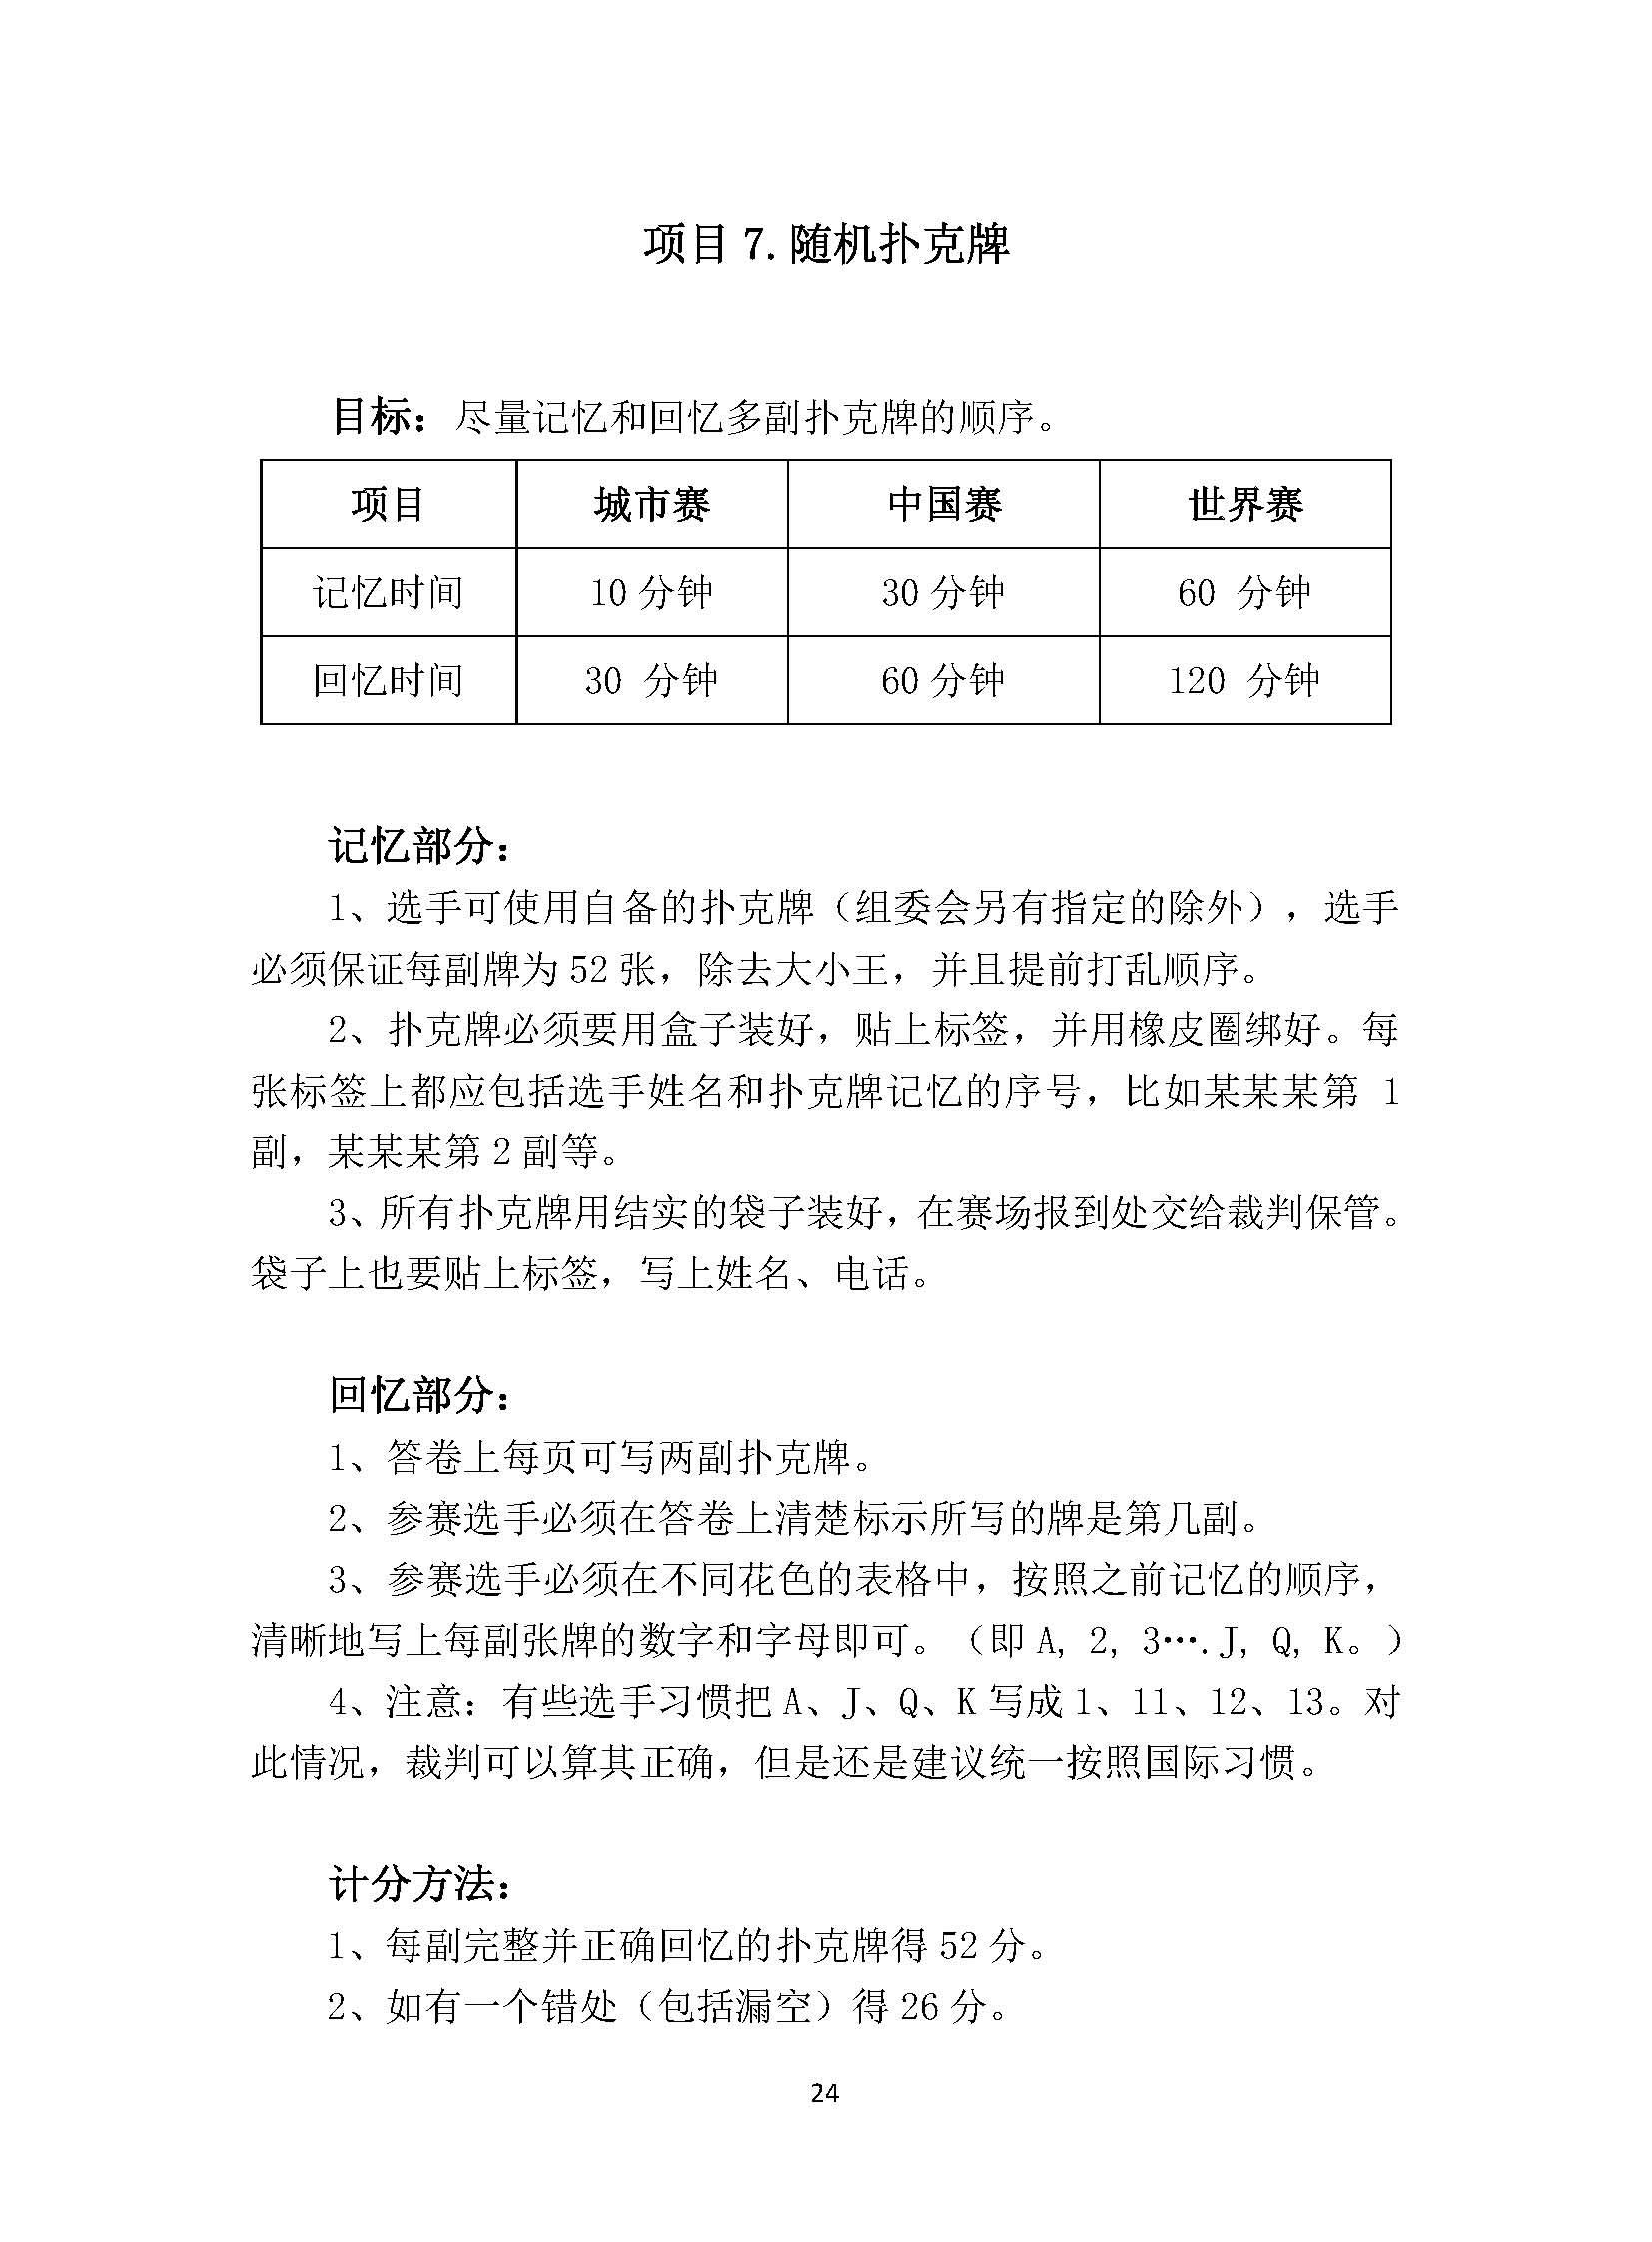 2019WMC选手训练手册-十大项目规则_页面_24